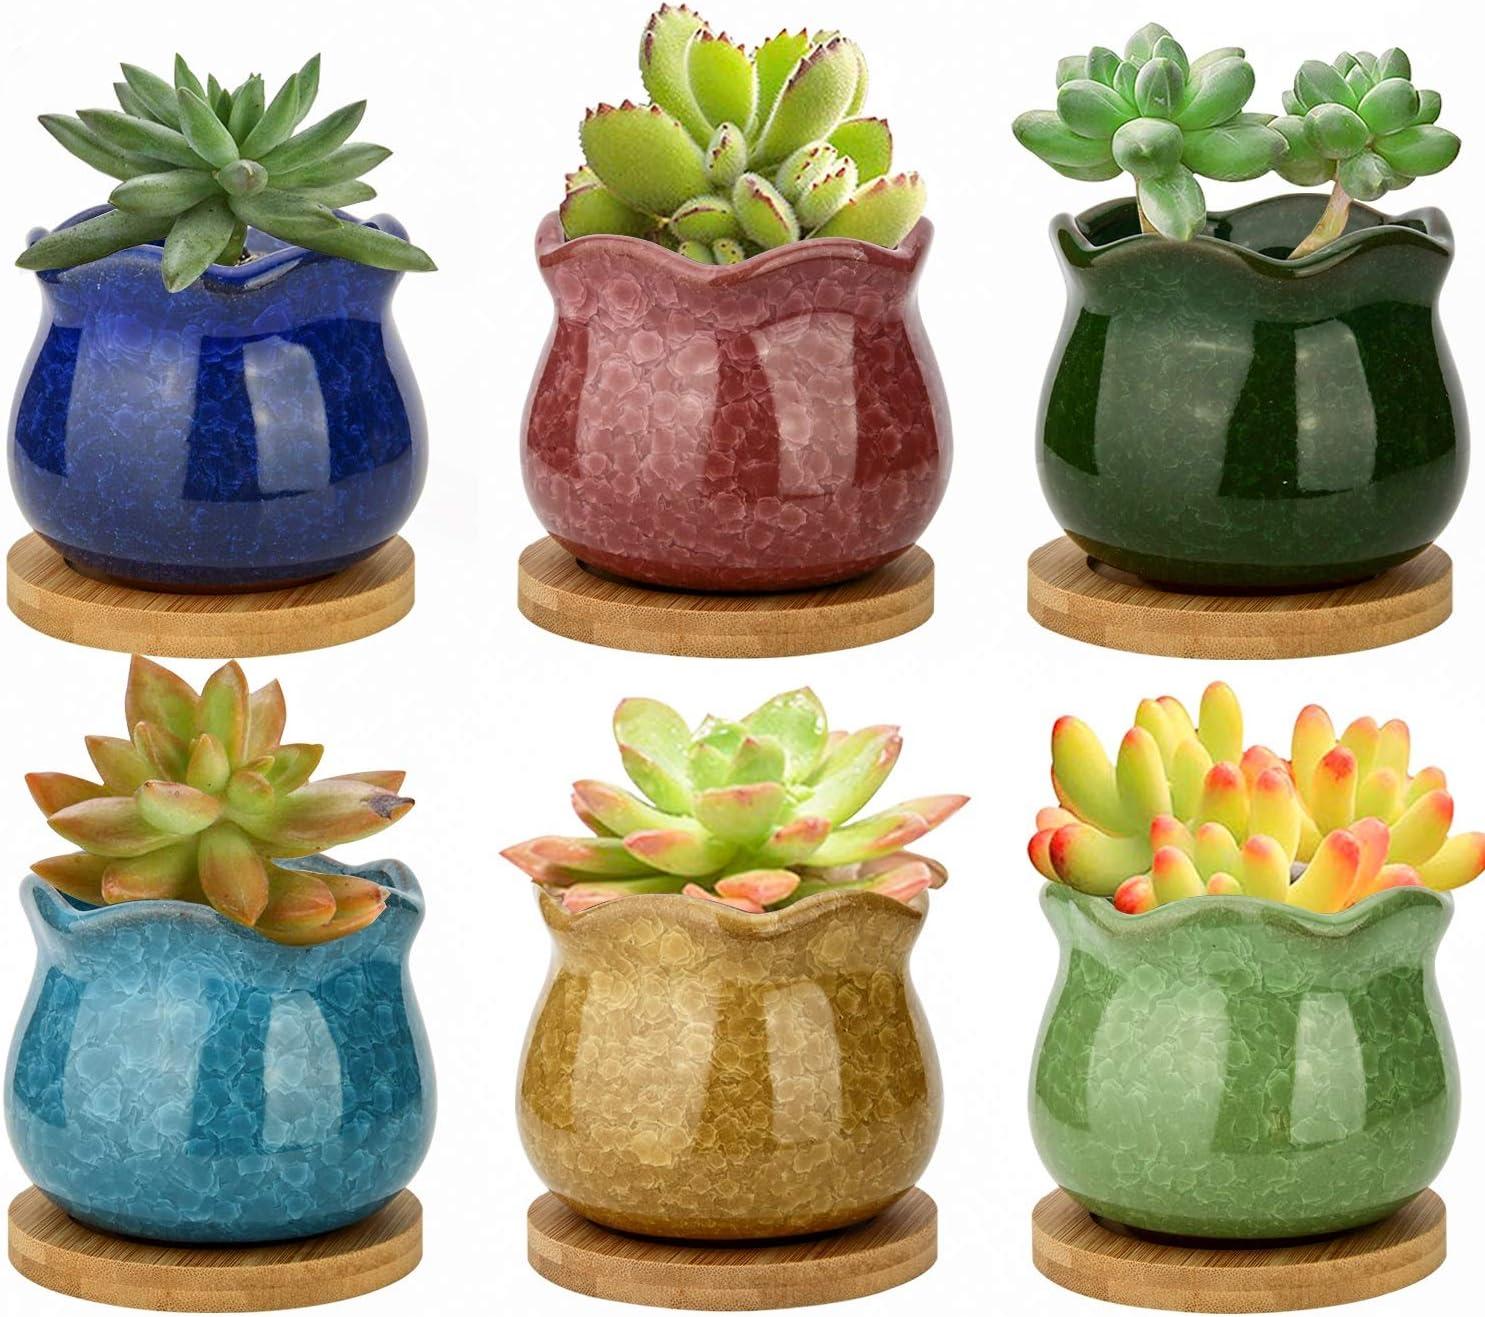 ZOUTOG Succulent Pots